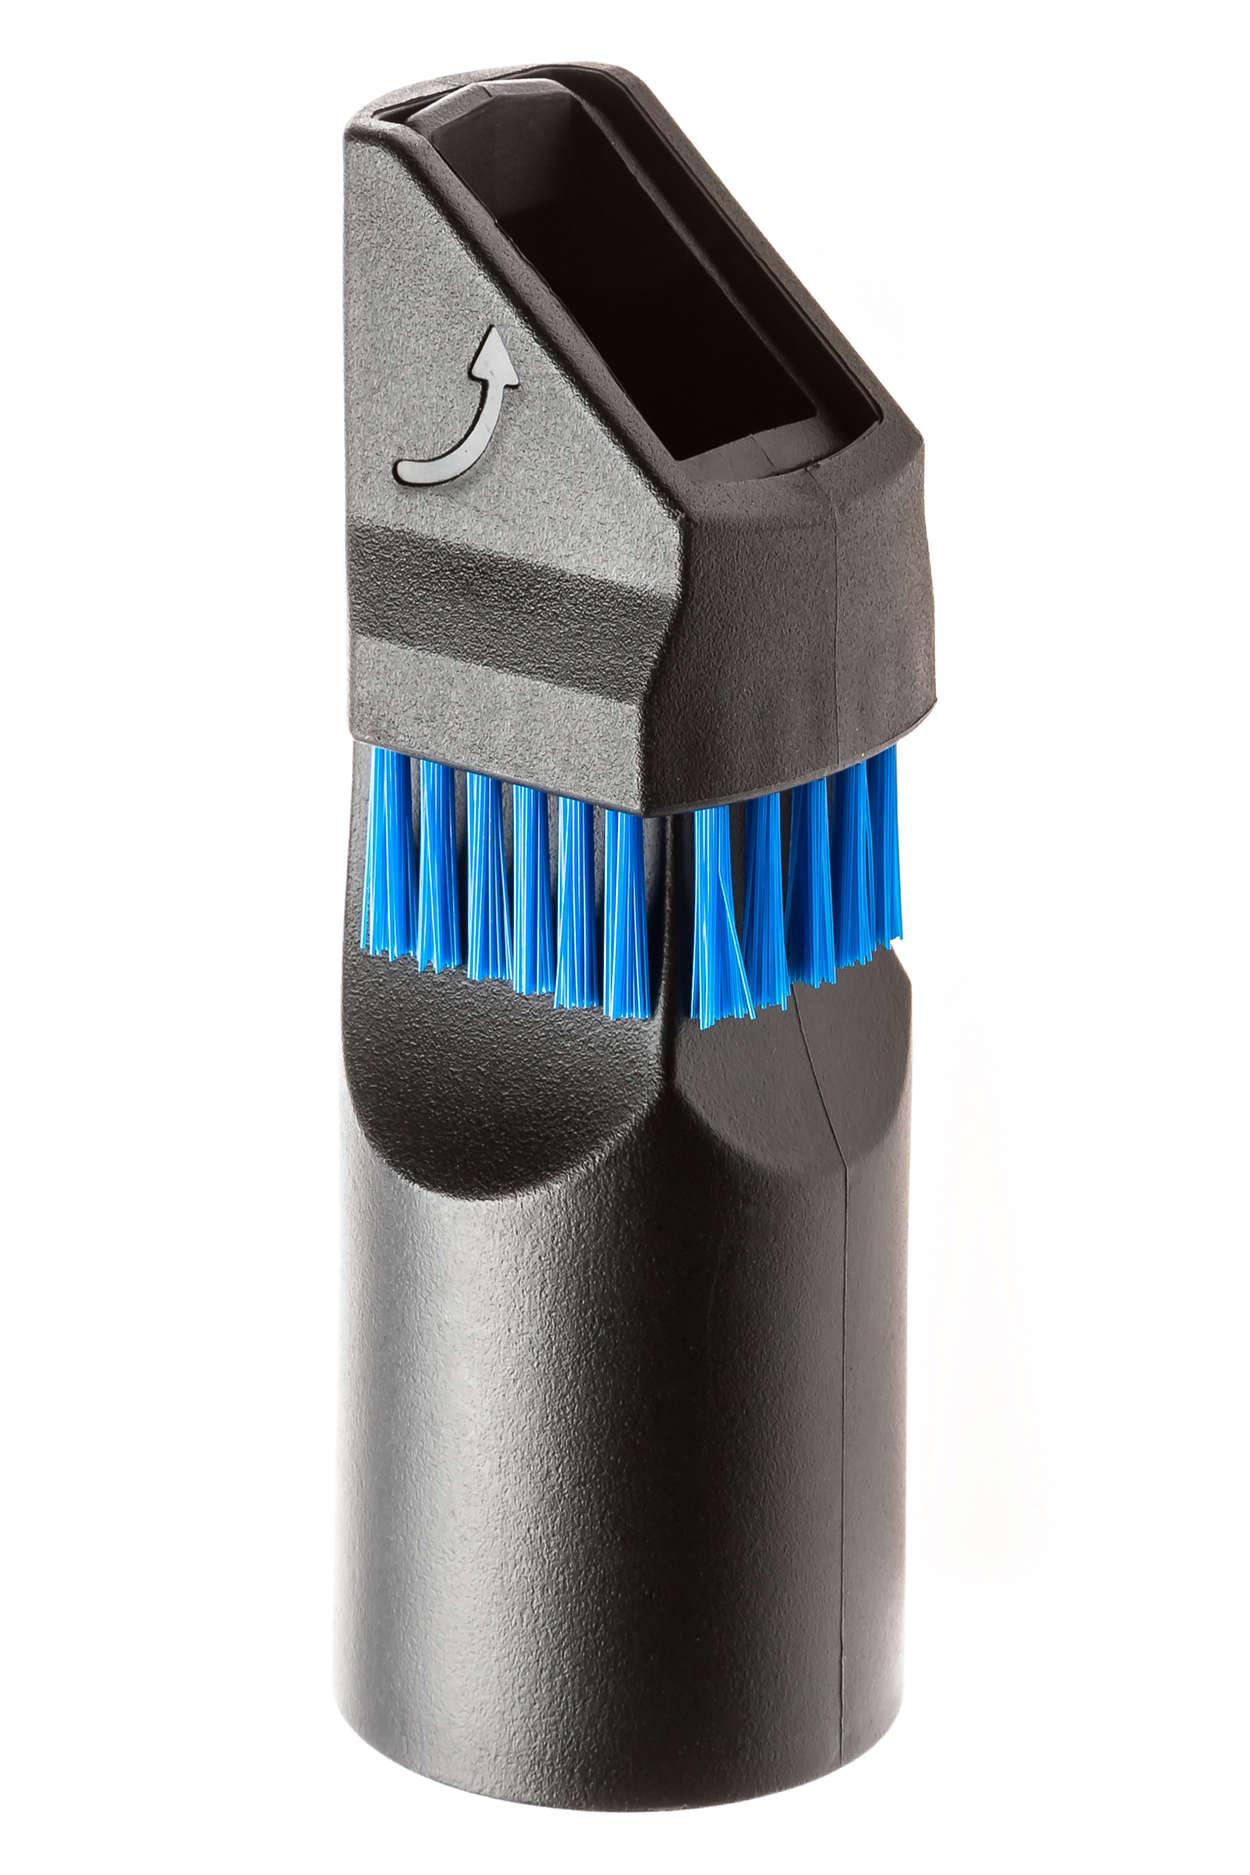 Accesorio de cepillo suave y boquilla estrecha 2 en 1